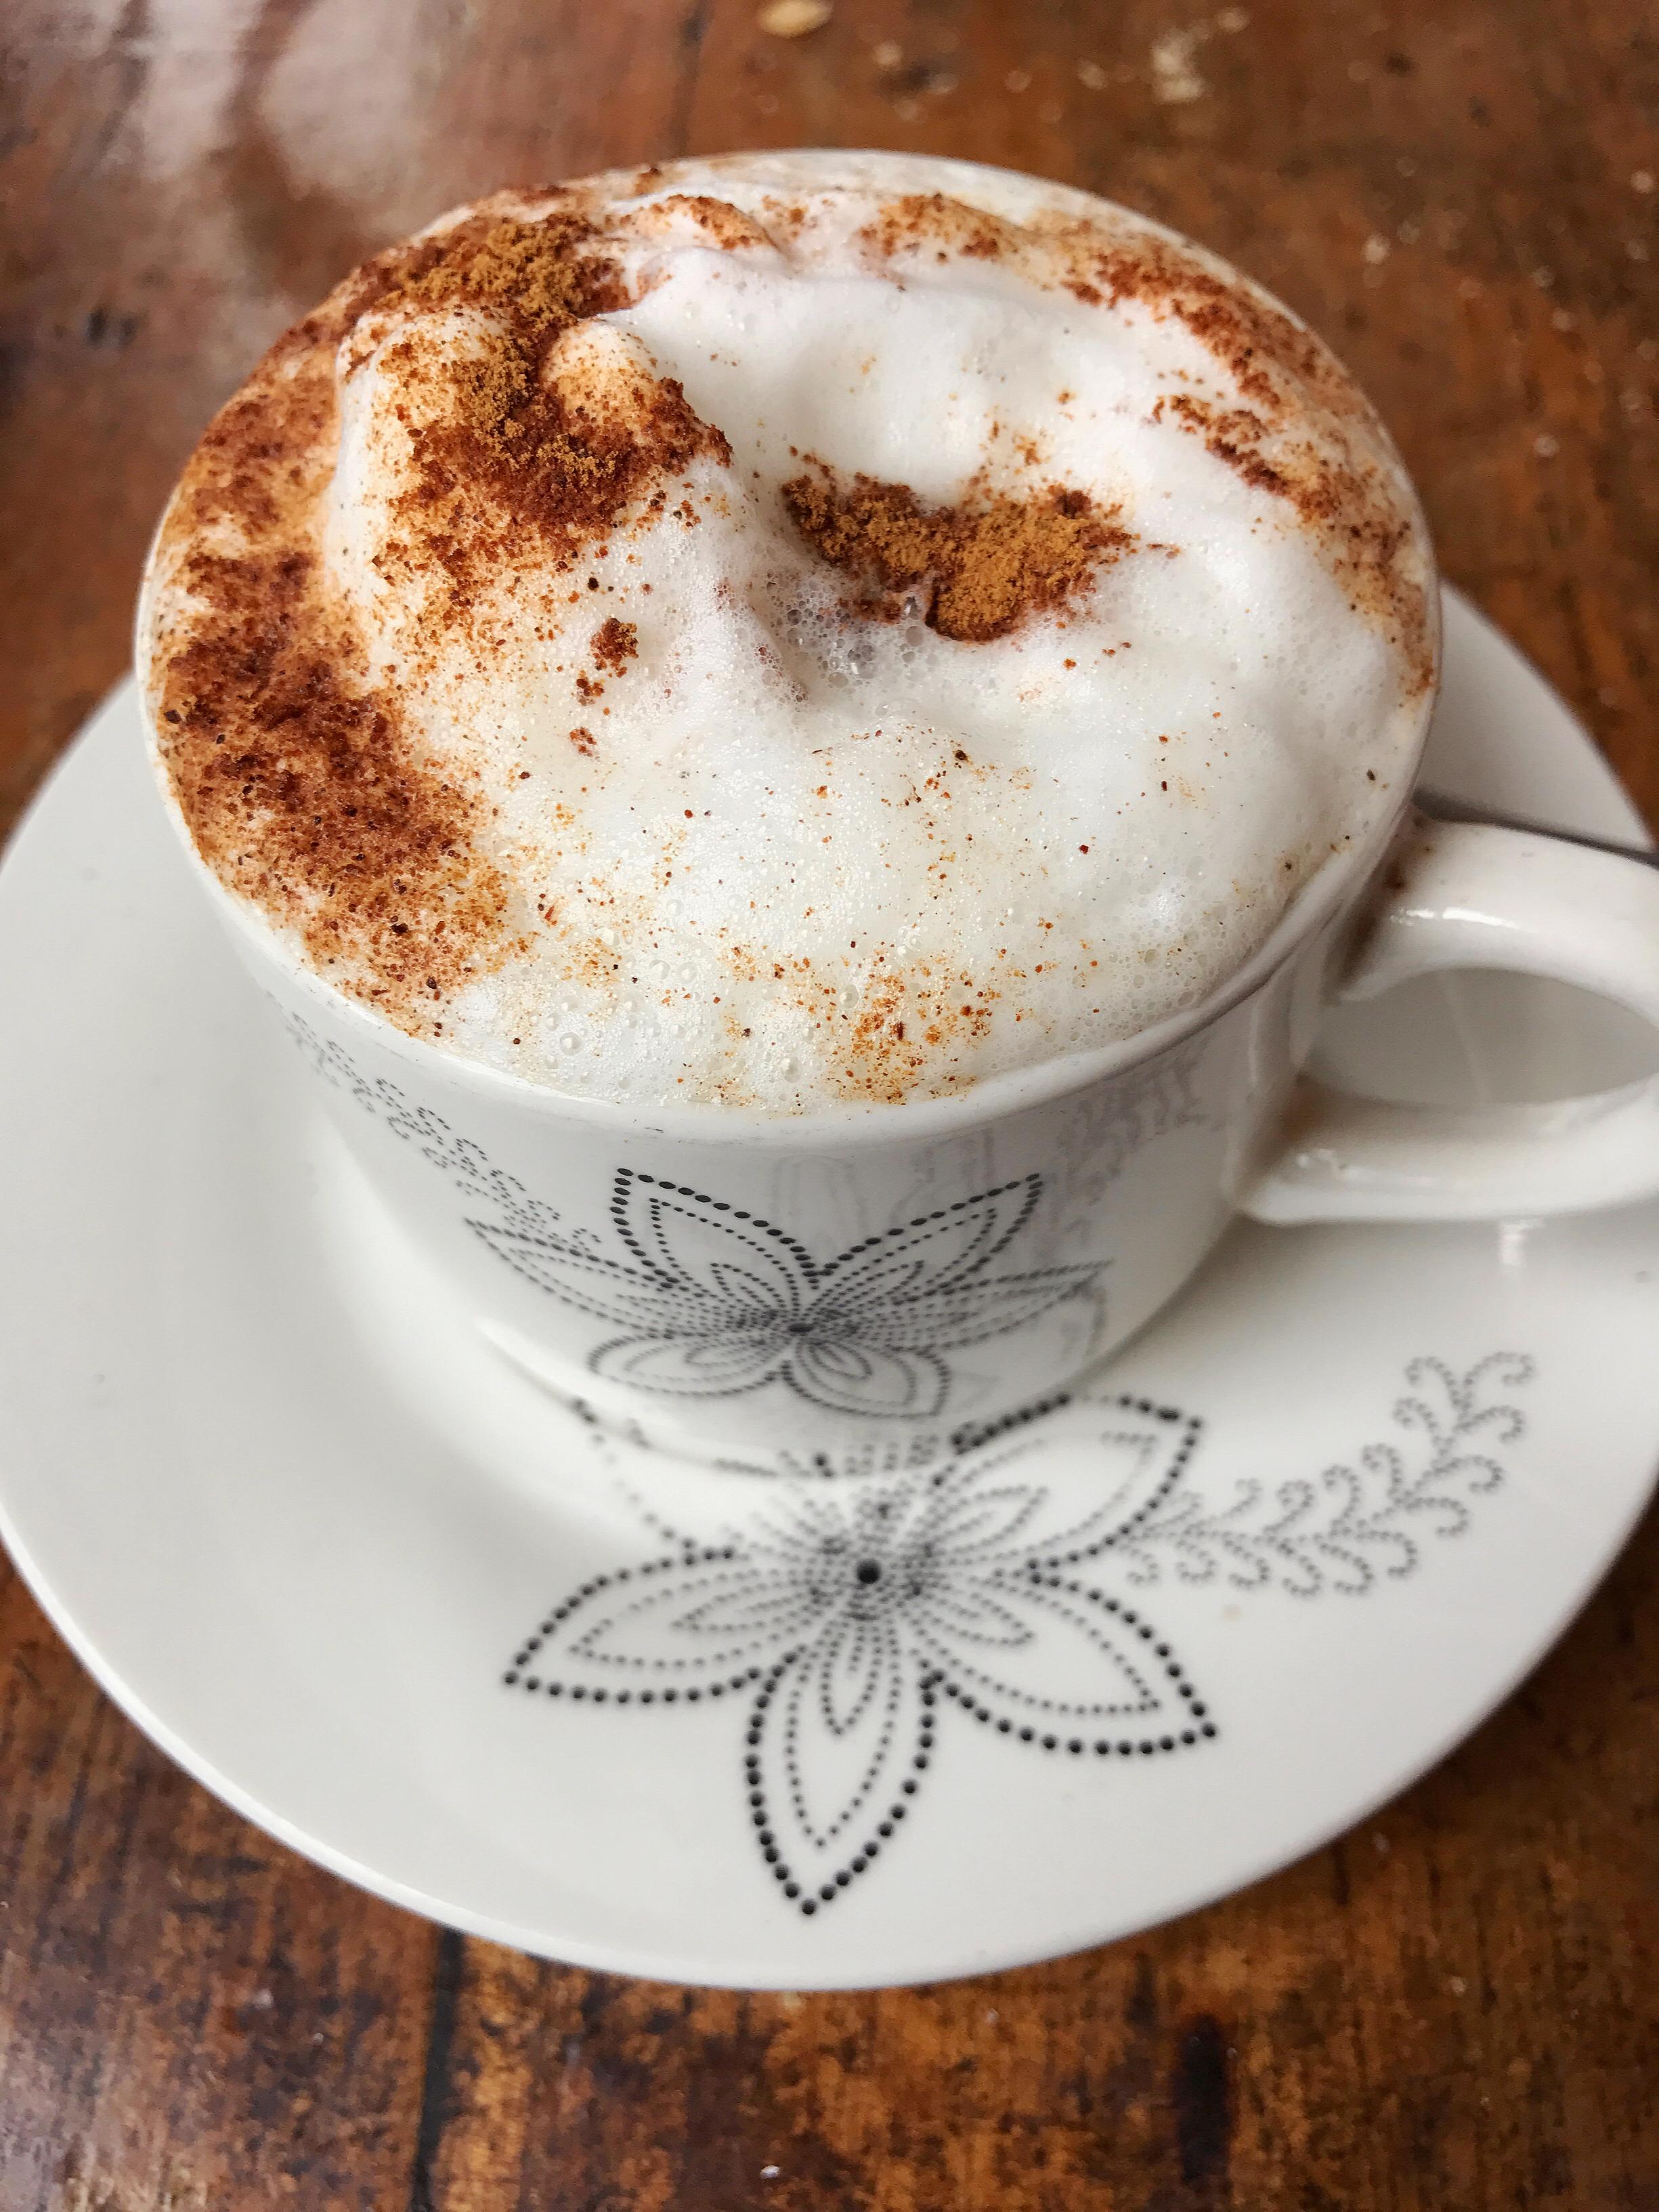 cappuccino-coffee-cuba-cafe